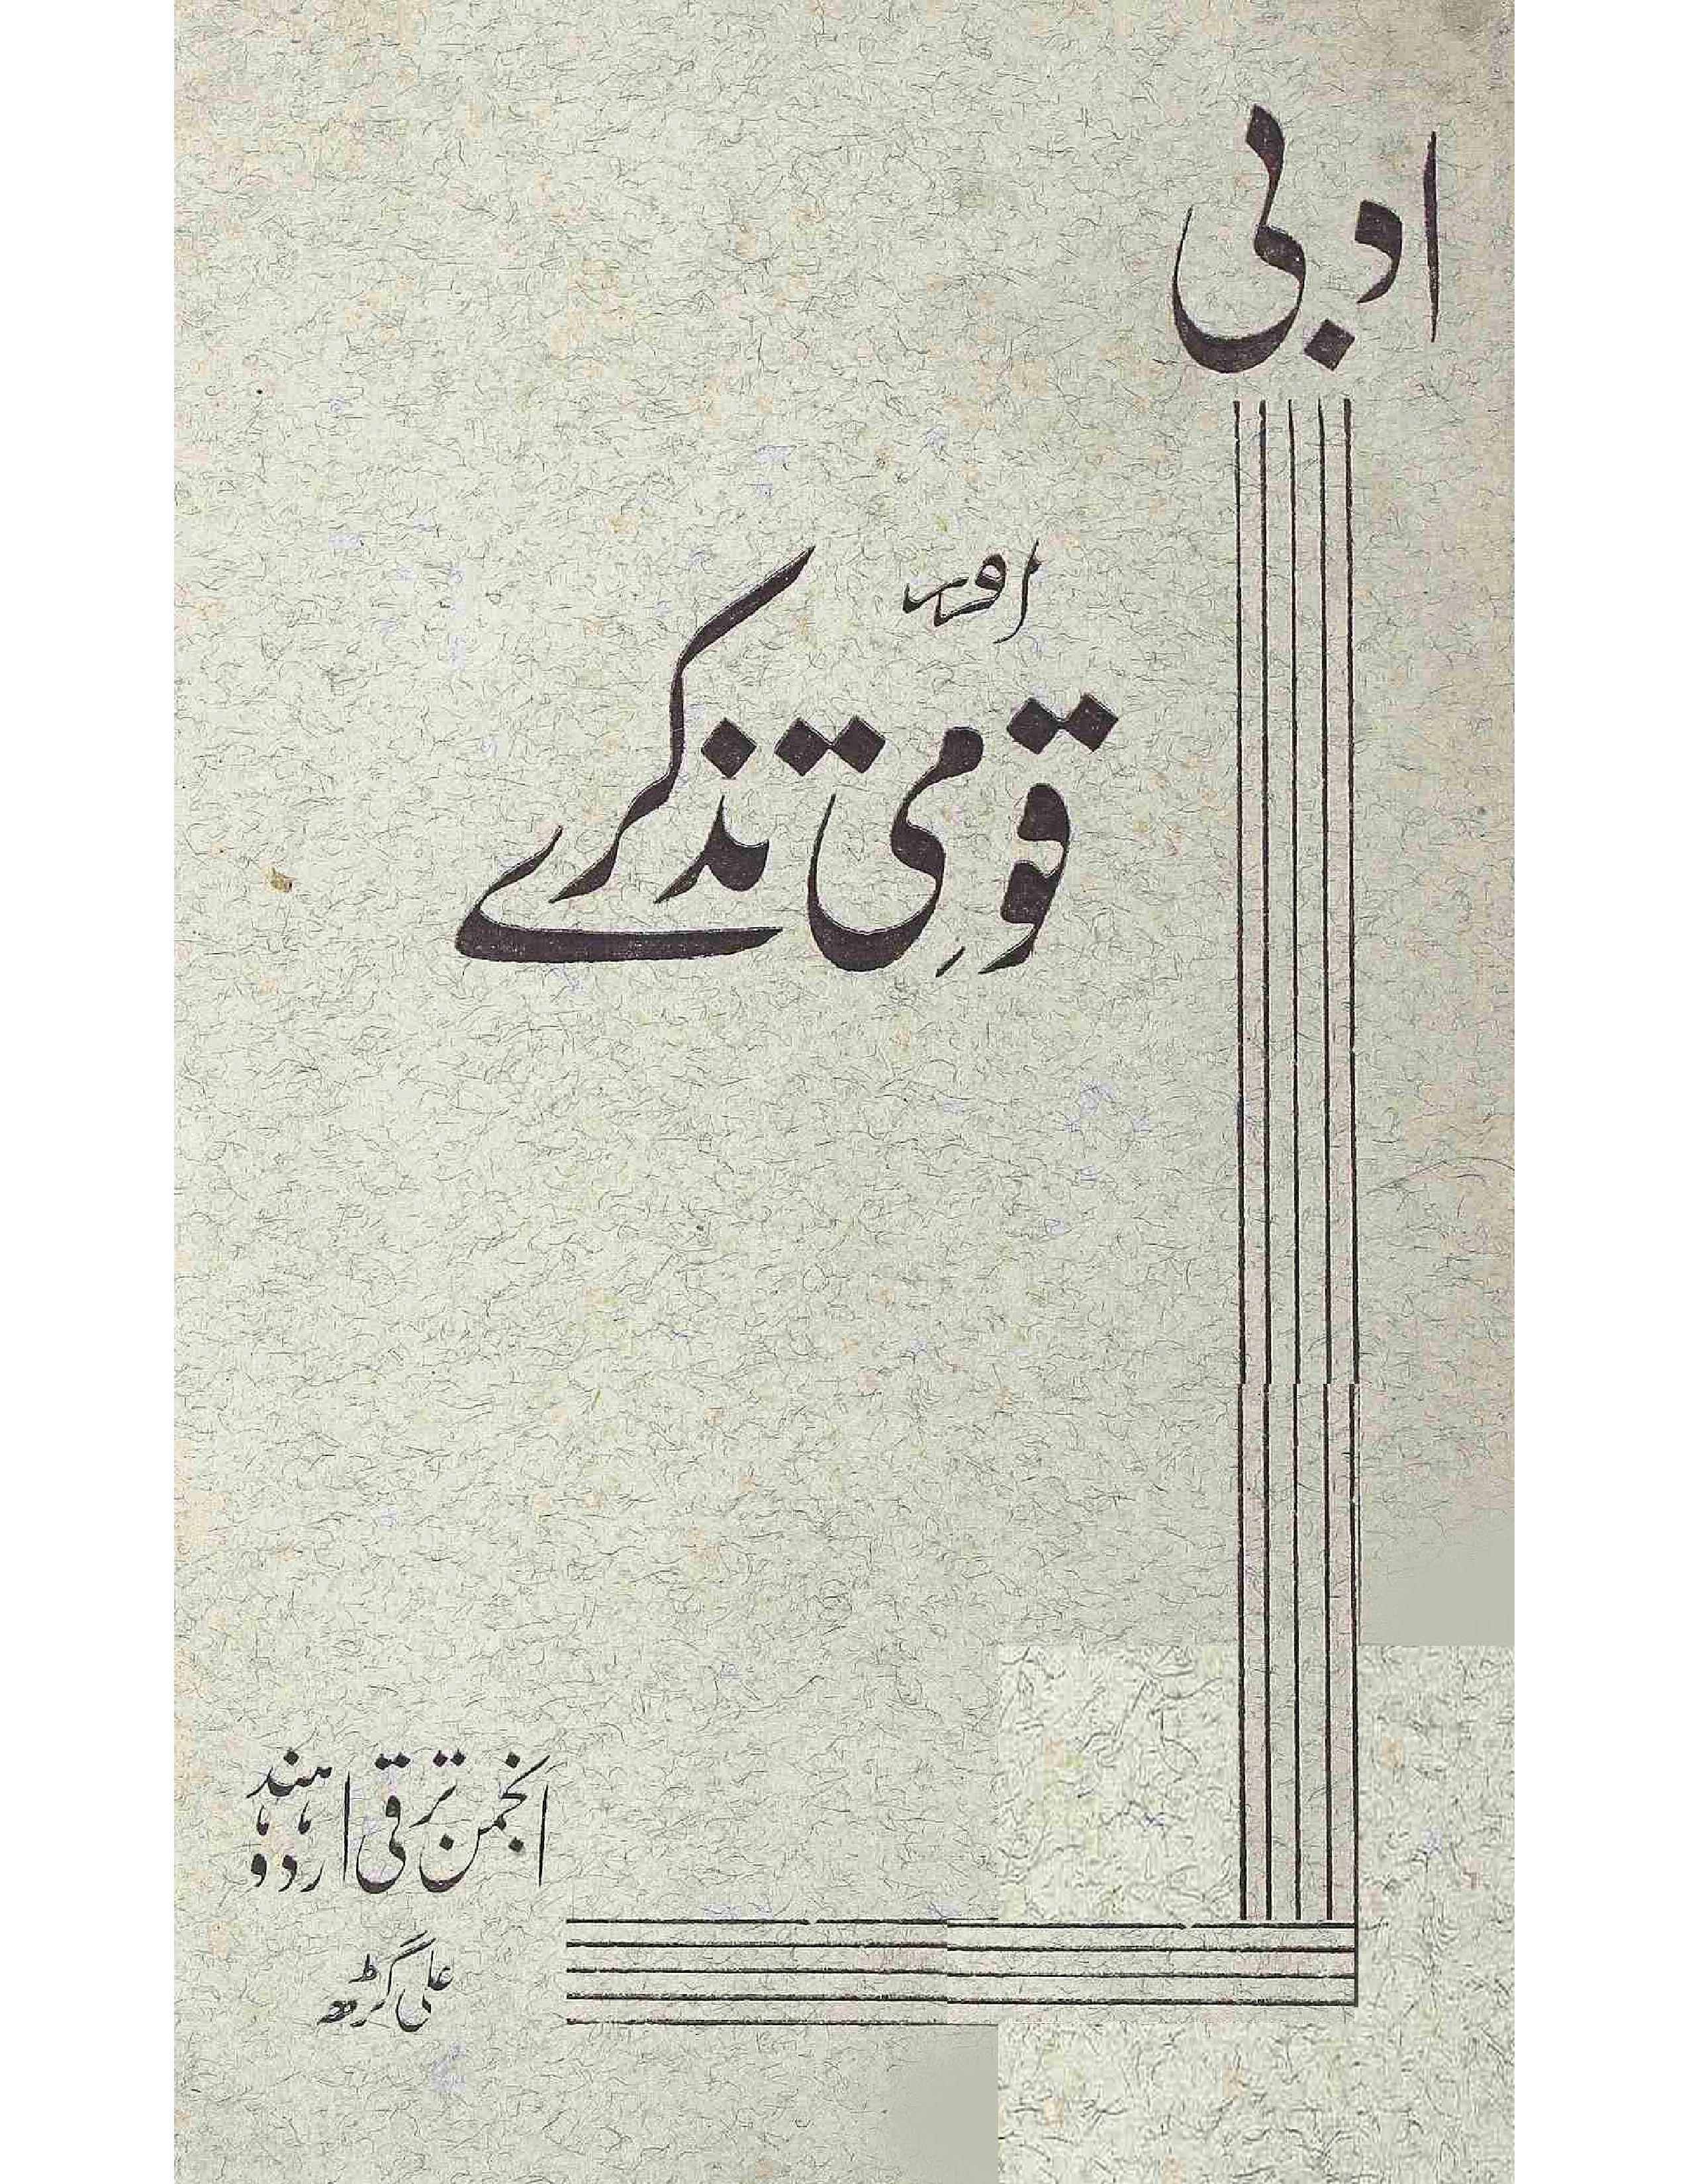 Adabi aur Qaumi Tazkire